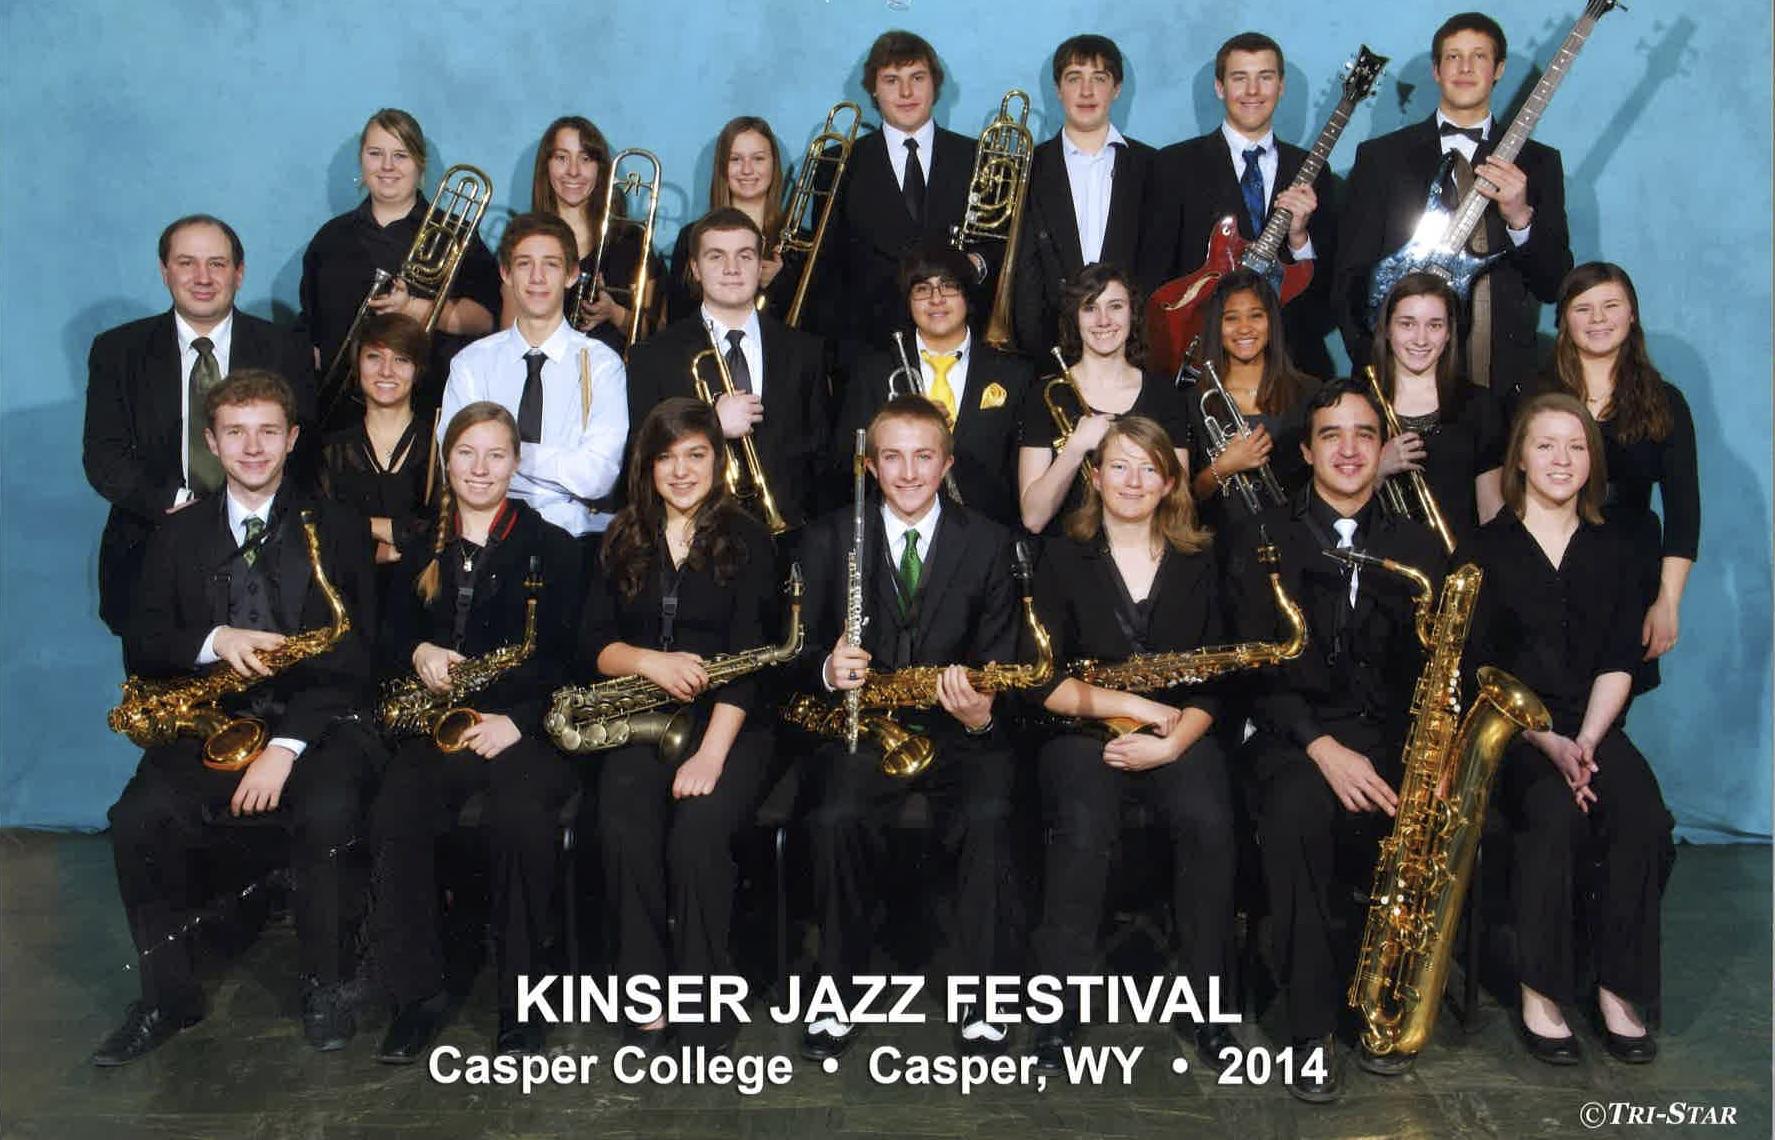 KW Jazz 1 2014